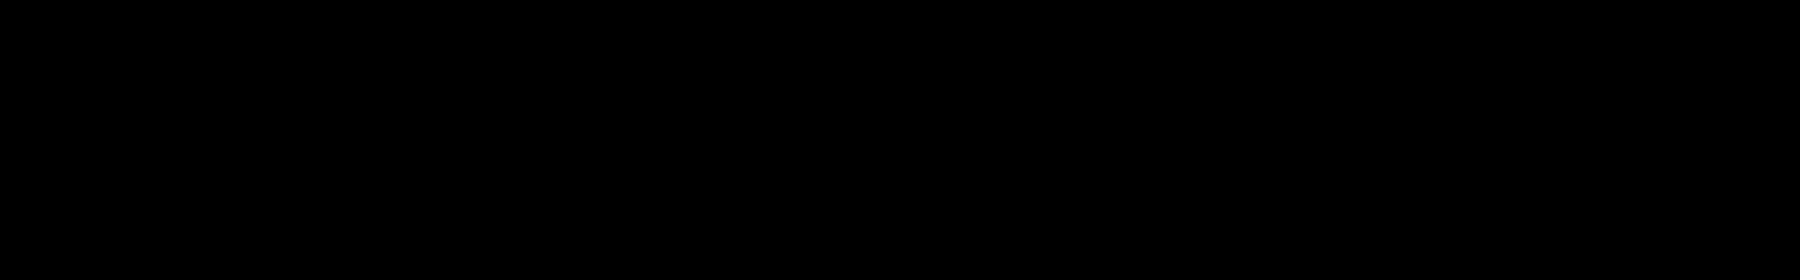 CHAINSMOKERZ - Future Pop & Future Bass Bundle audio waveform